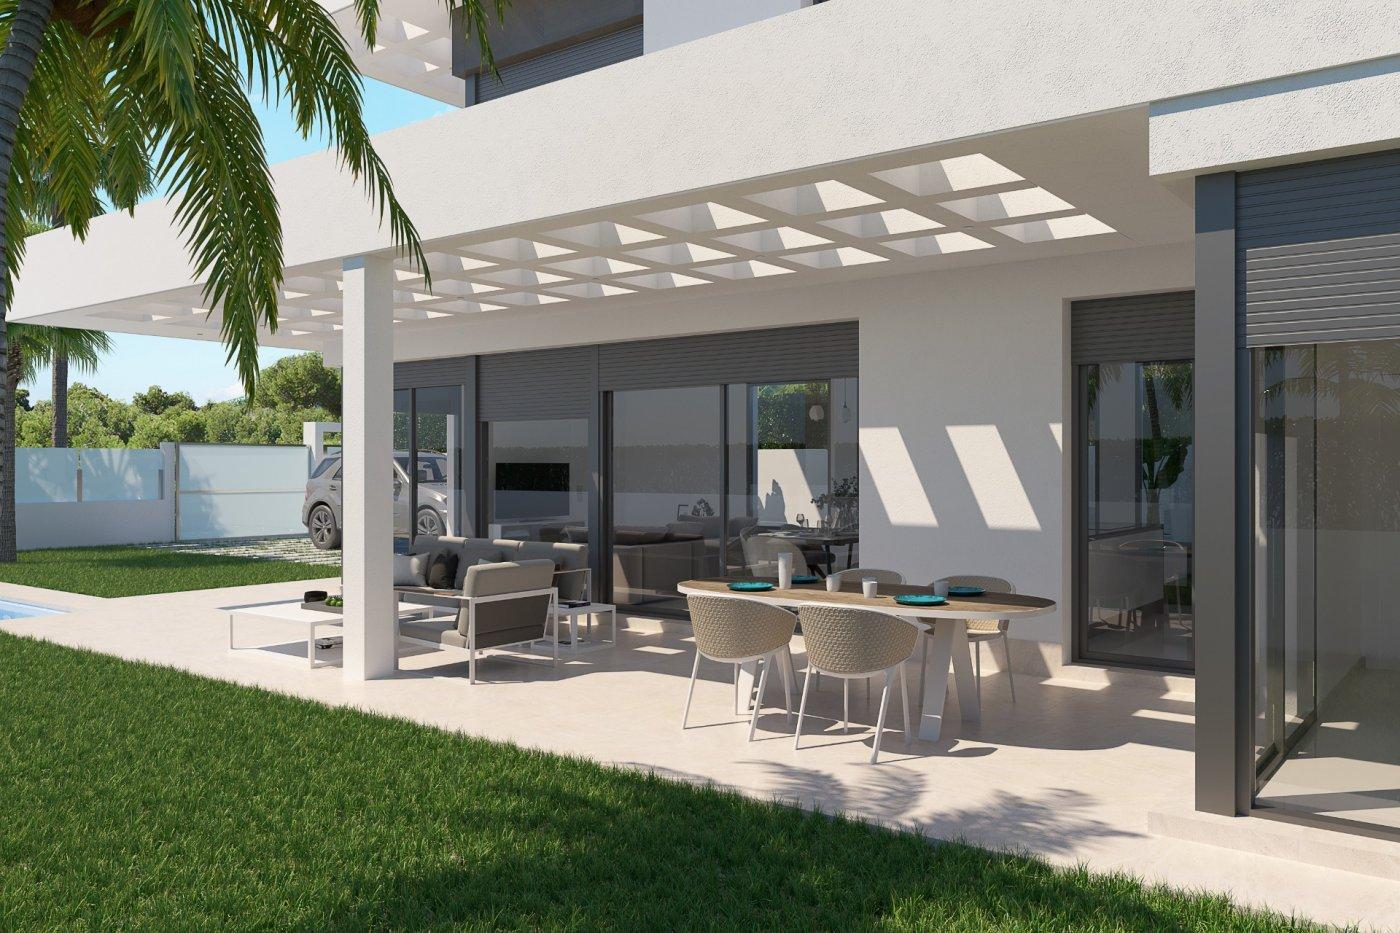 Villas modernas en sierra cortina (finestrat) a un paso de benidorm - imagenInmueble3